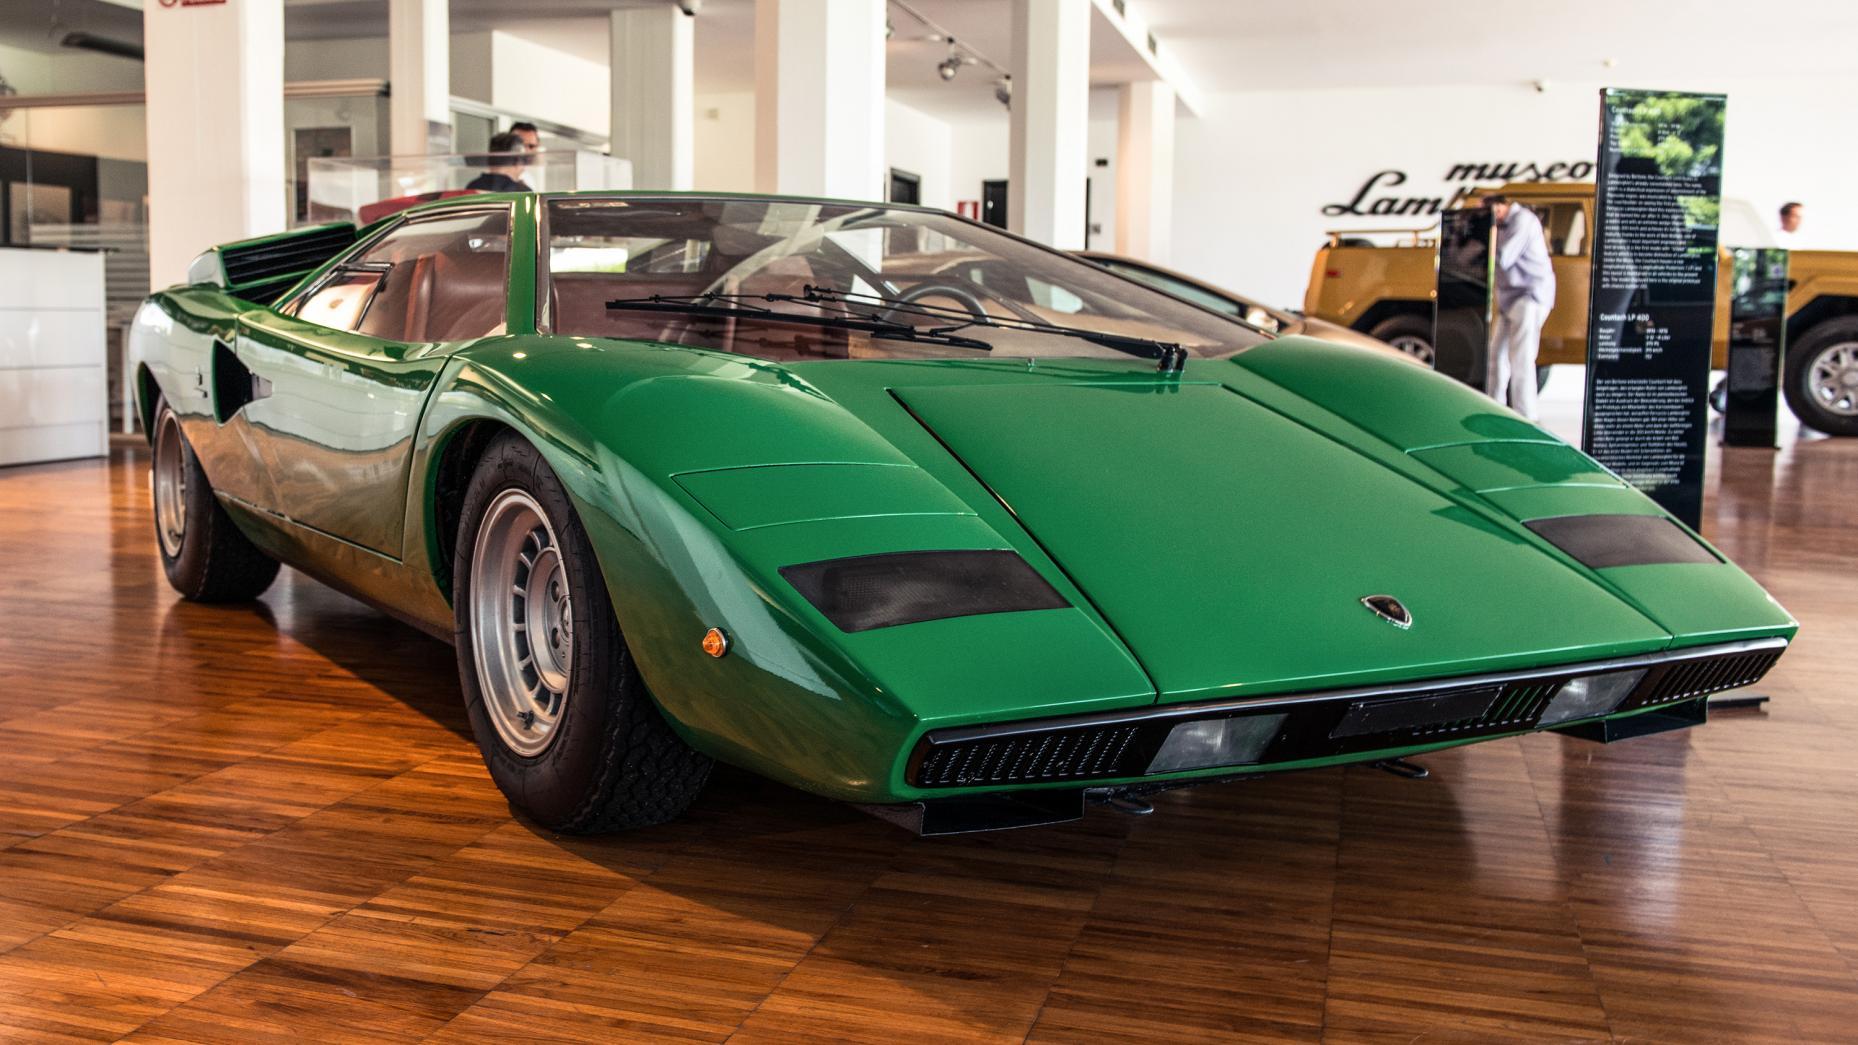 Cùng chiêm ngưỡng bảo tàng của siêu xe Lamborghini 5